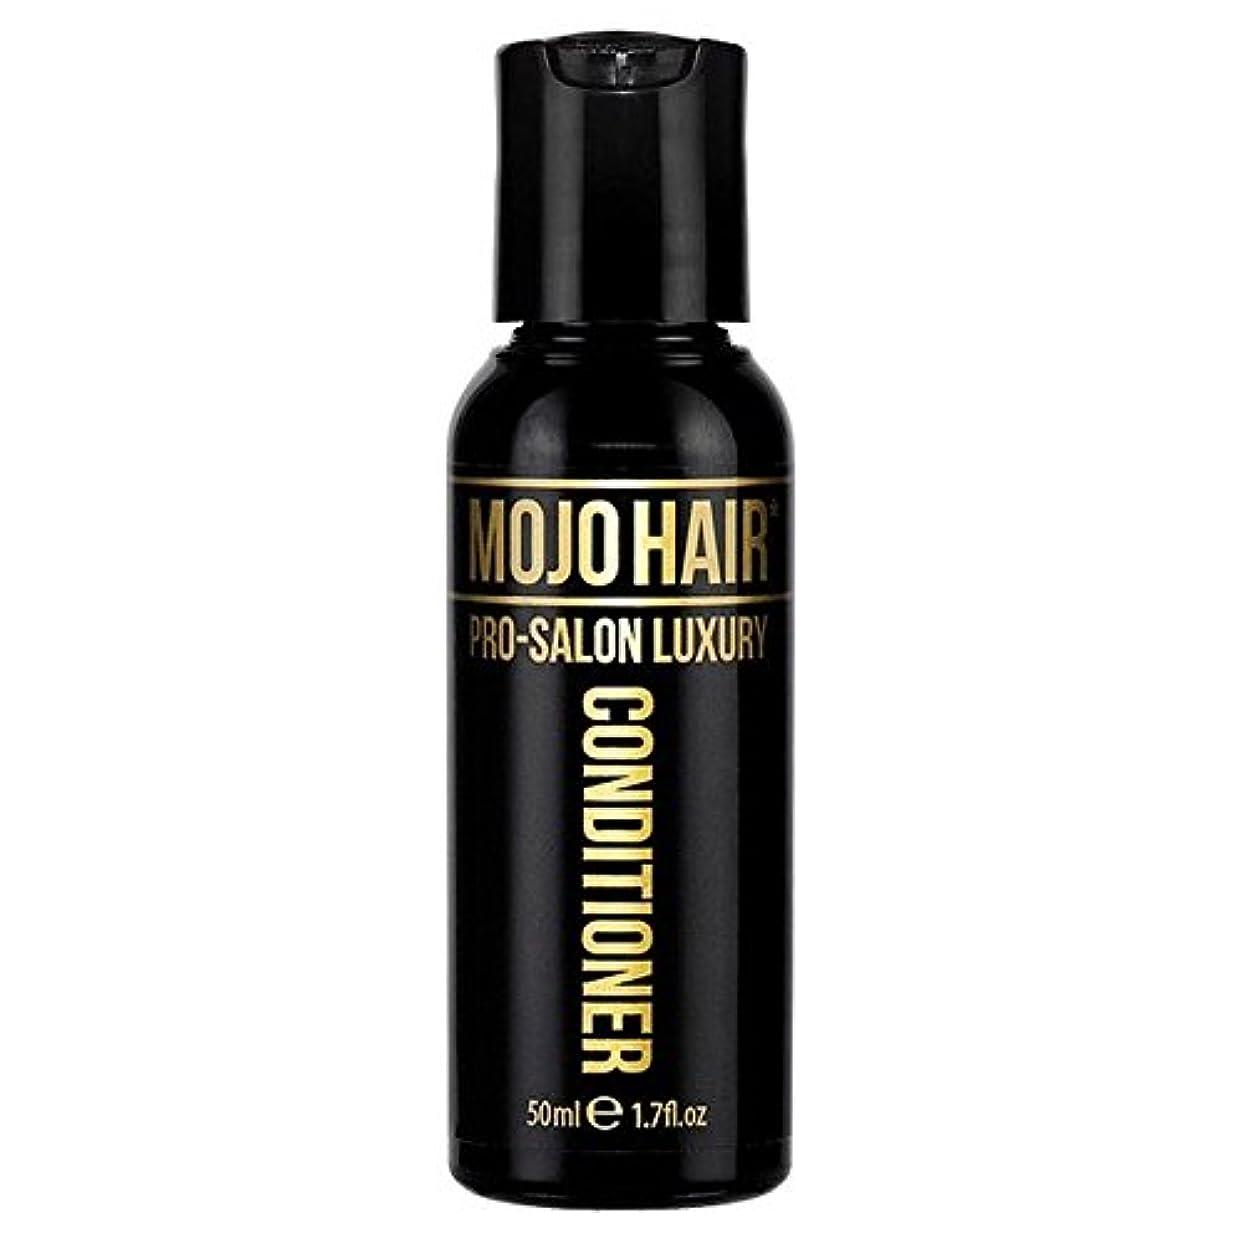 クラシック子猫句MOJO HAIR Pro-Salon Luxury Fragrance Conditioner for Men, Travel Size 50ml (Pack of 6) - 男性のためのモジョの毛プロのサロンの贅沢な...